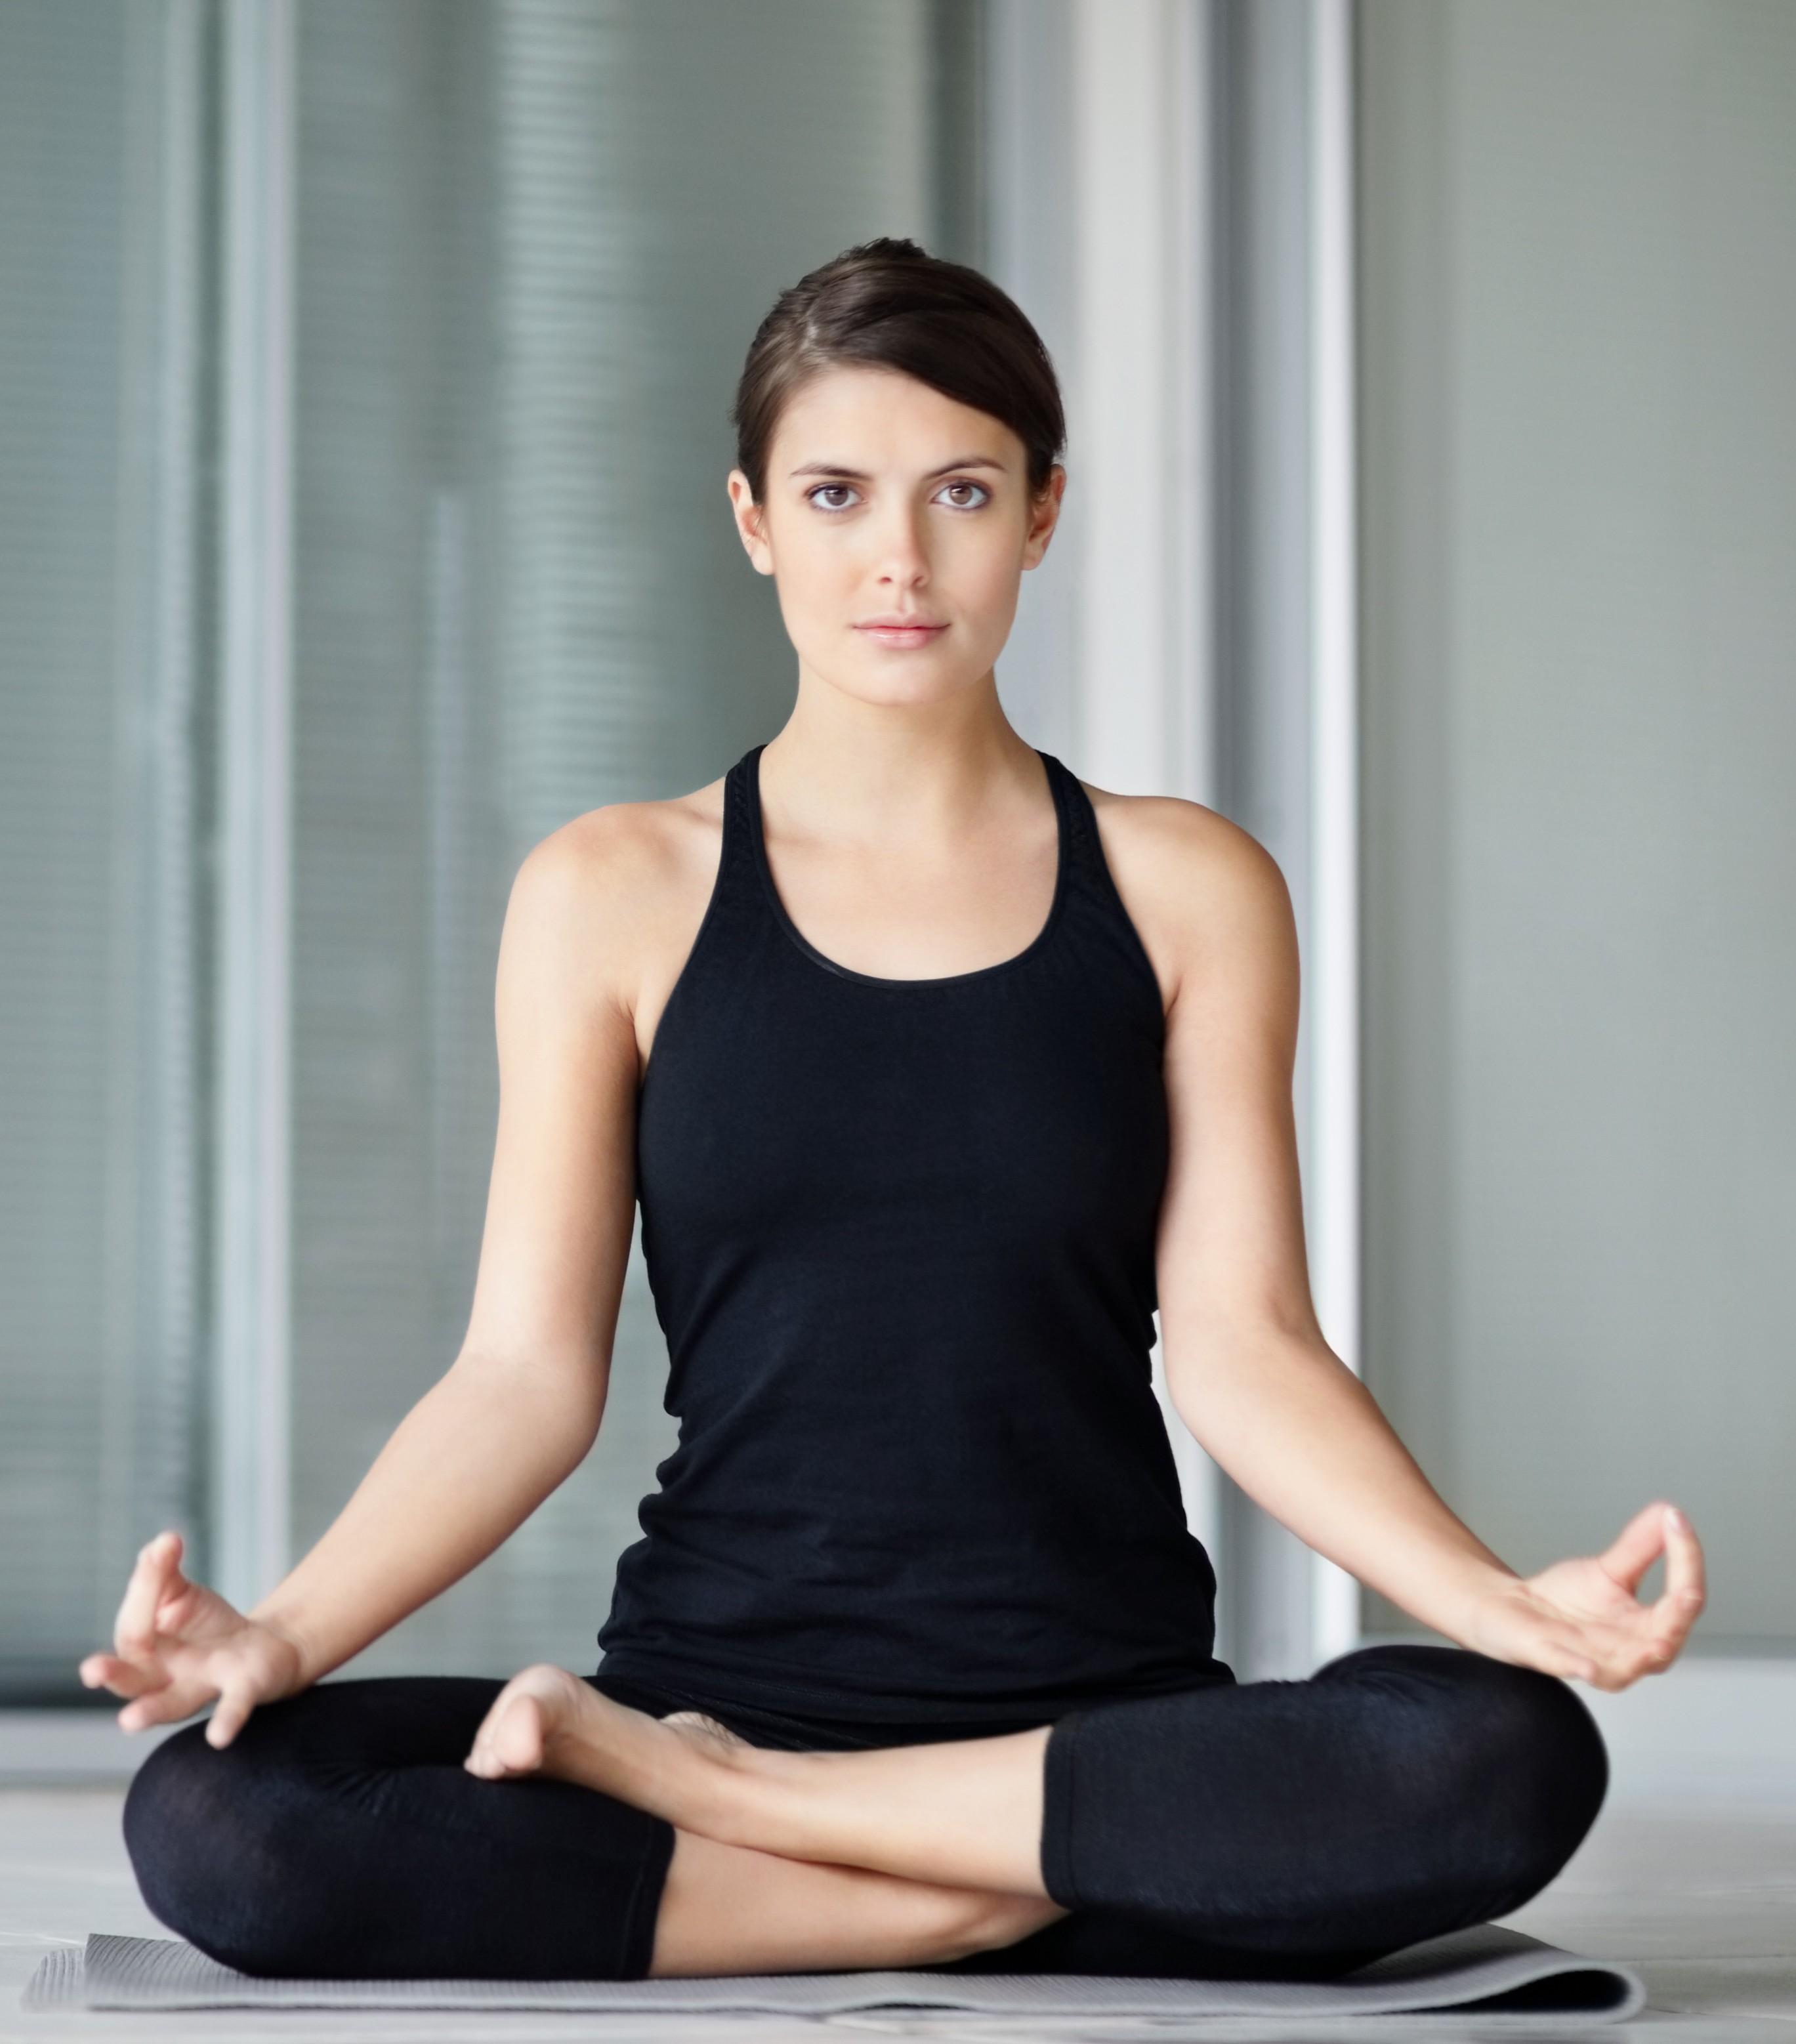 Cea mai importanta lectie din yoga este detasarea!